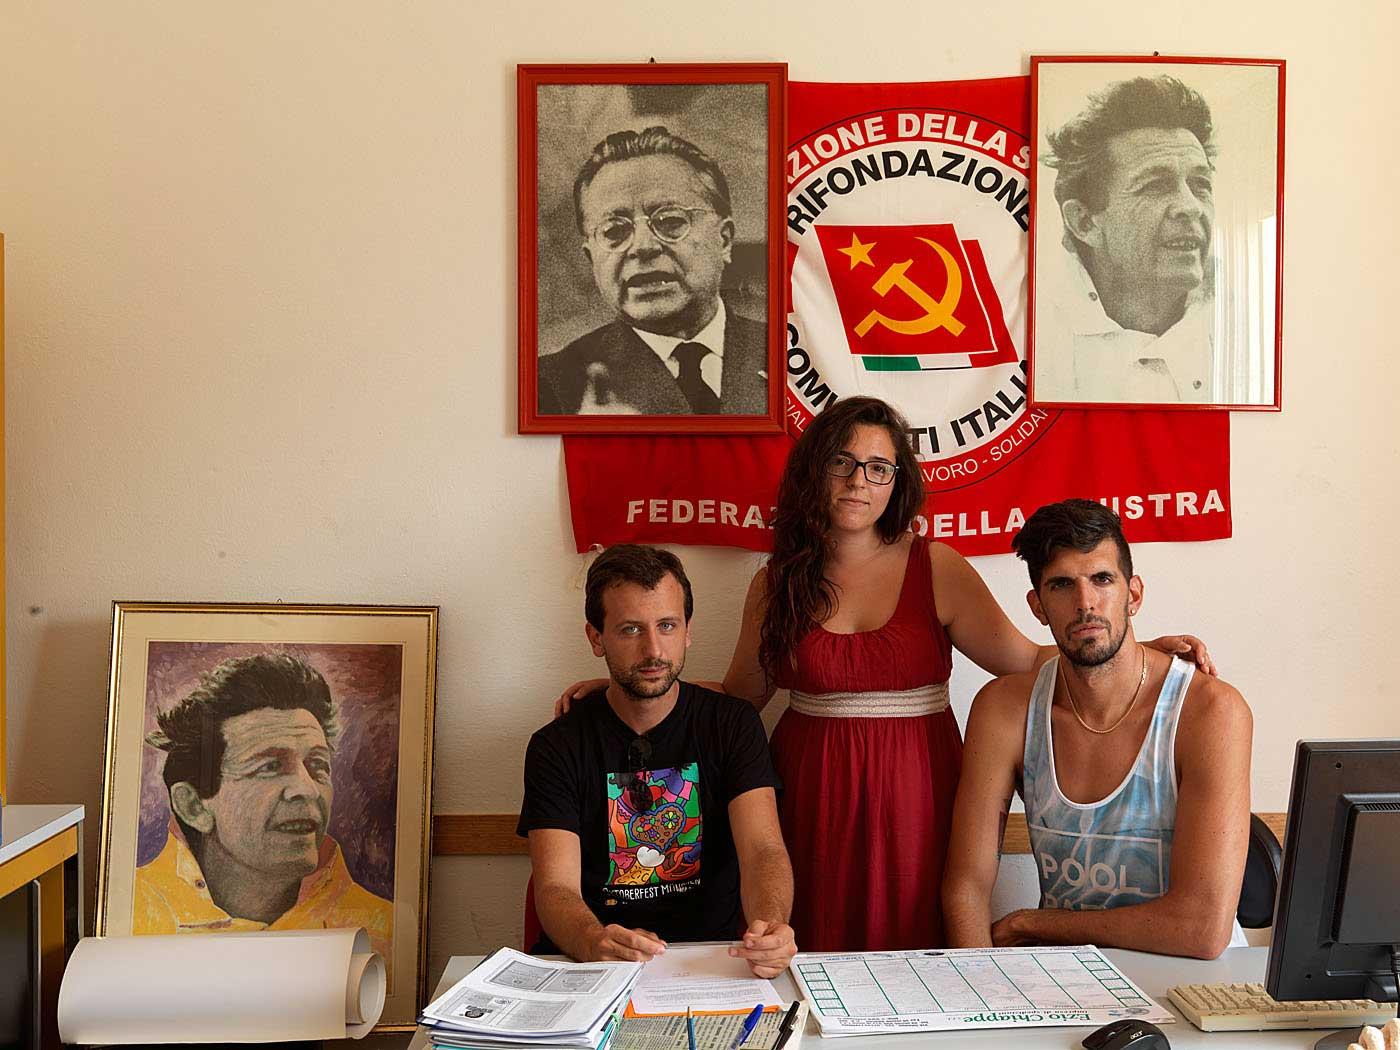 Partito Rifundazione Comunista (PRC) Press Officer Francesca Orazzini (middle) with part-time secretaries Davide Samuele Franchi  (left) and Alessio Flamnia (right) in Rosignano Solvay, Italy.